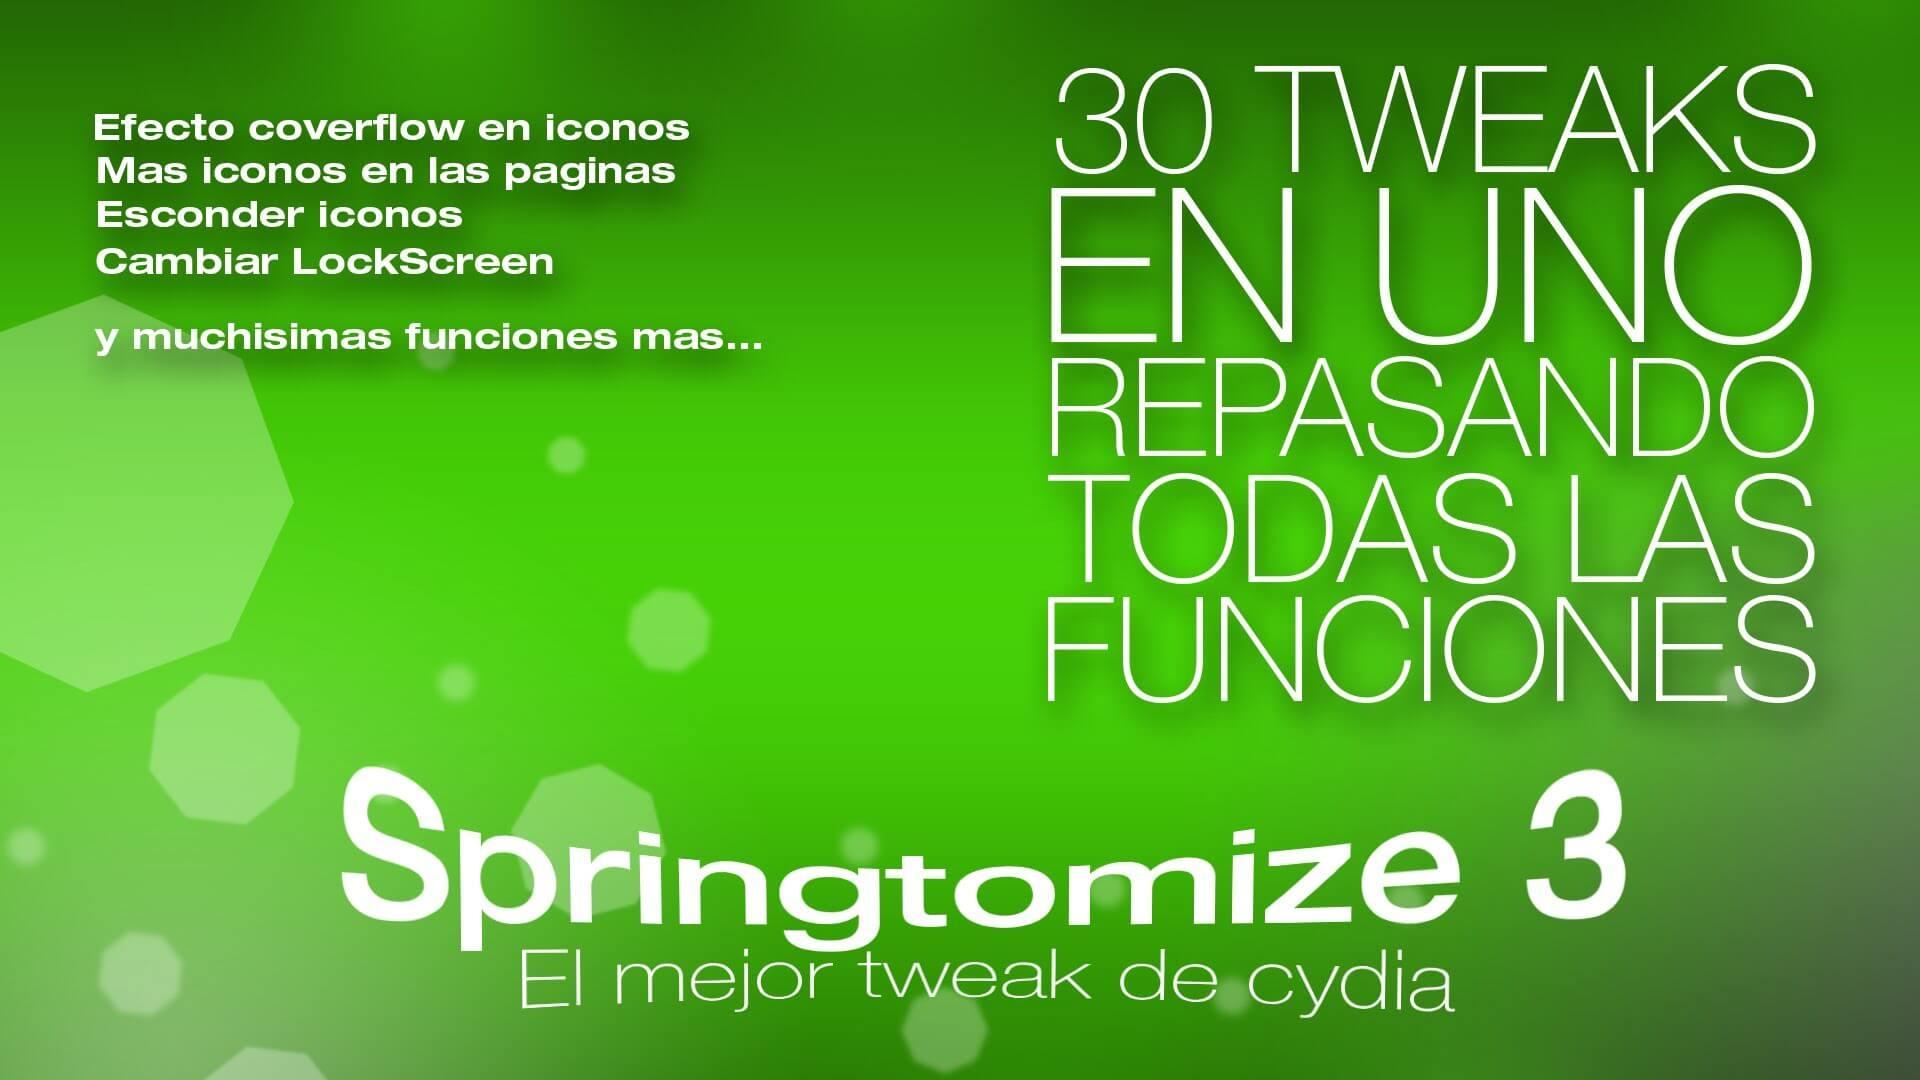 Revisando todas las opciones de Springtomize 3